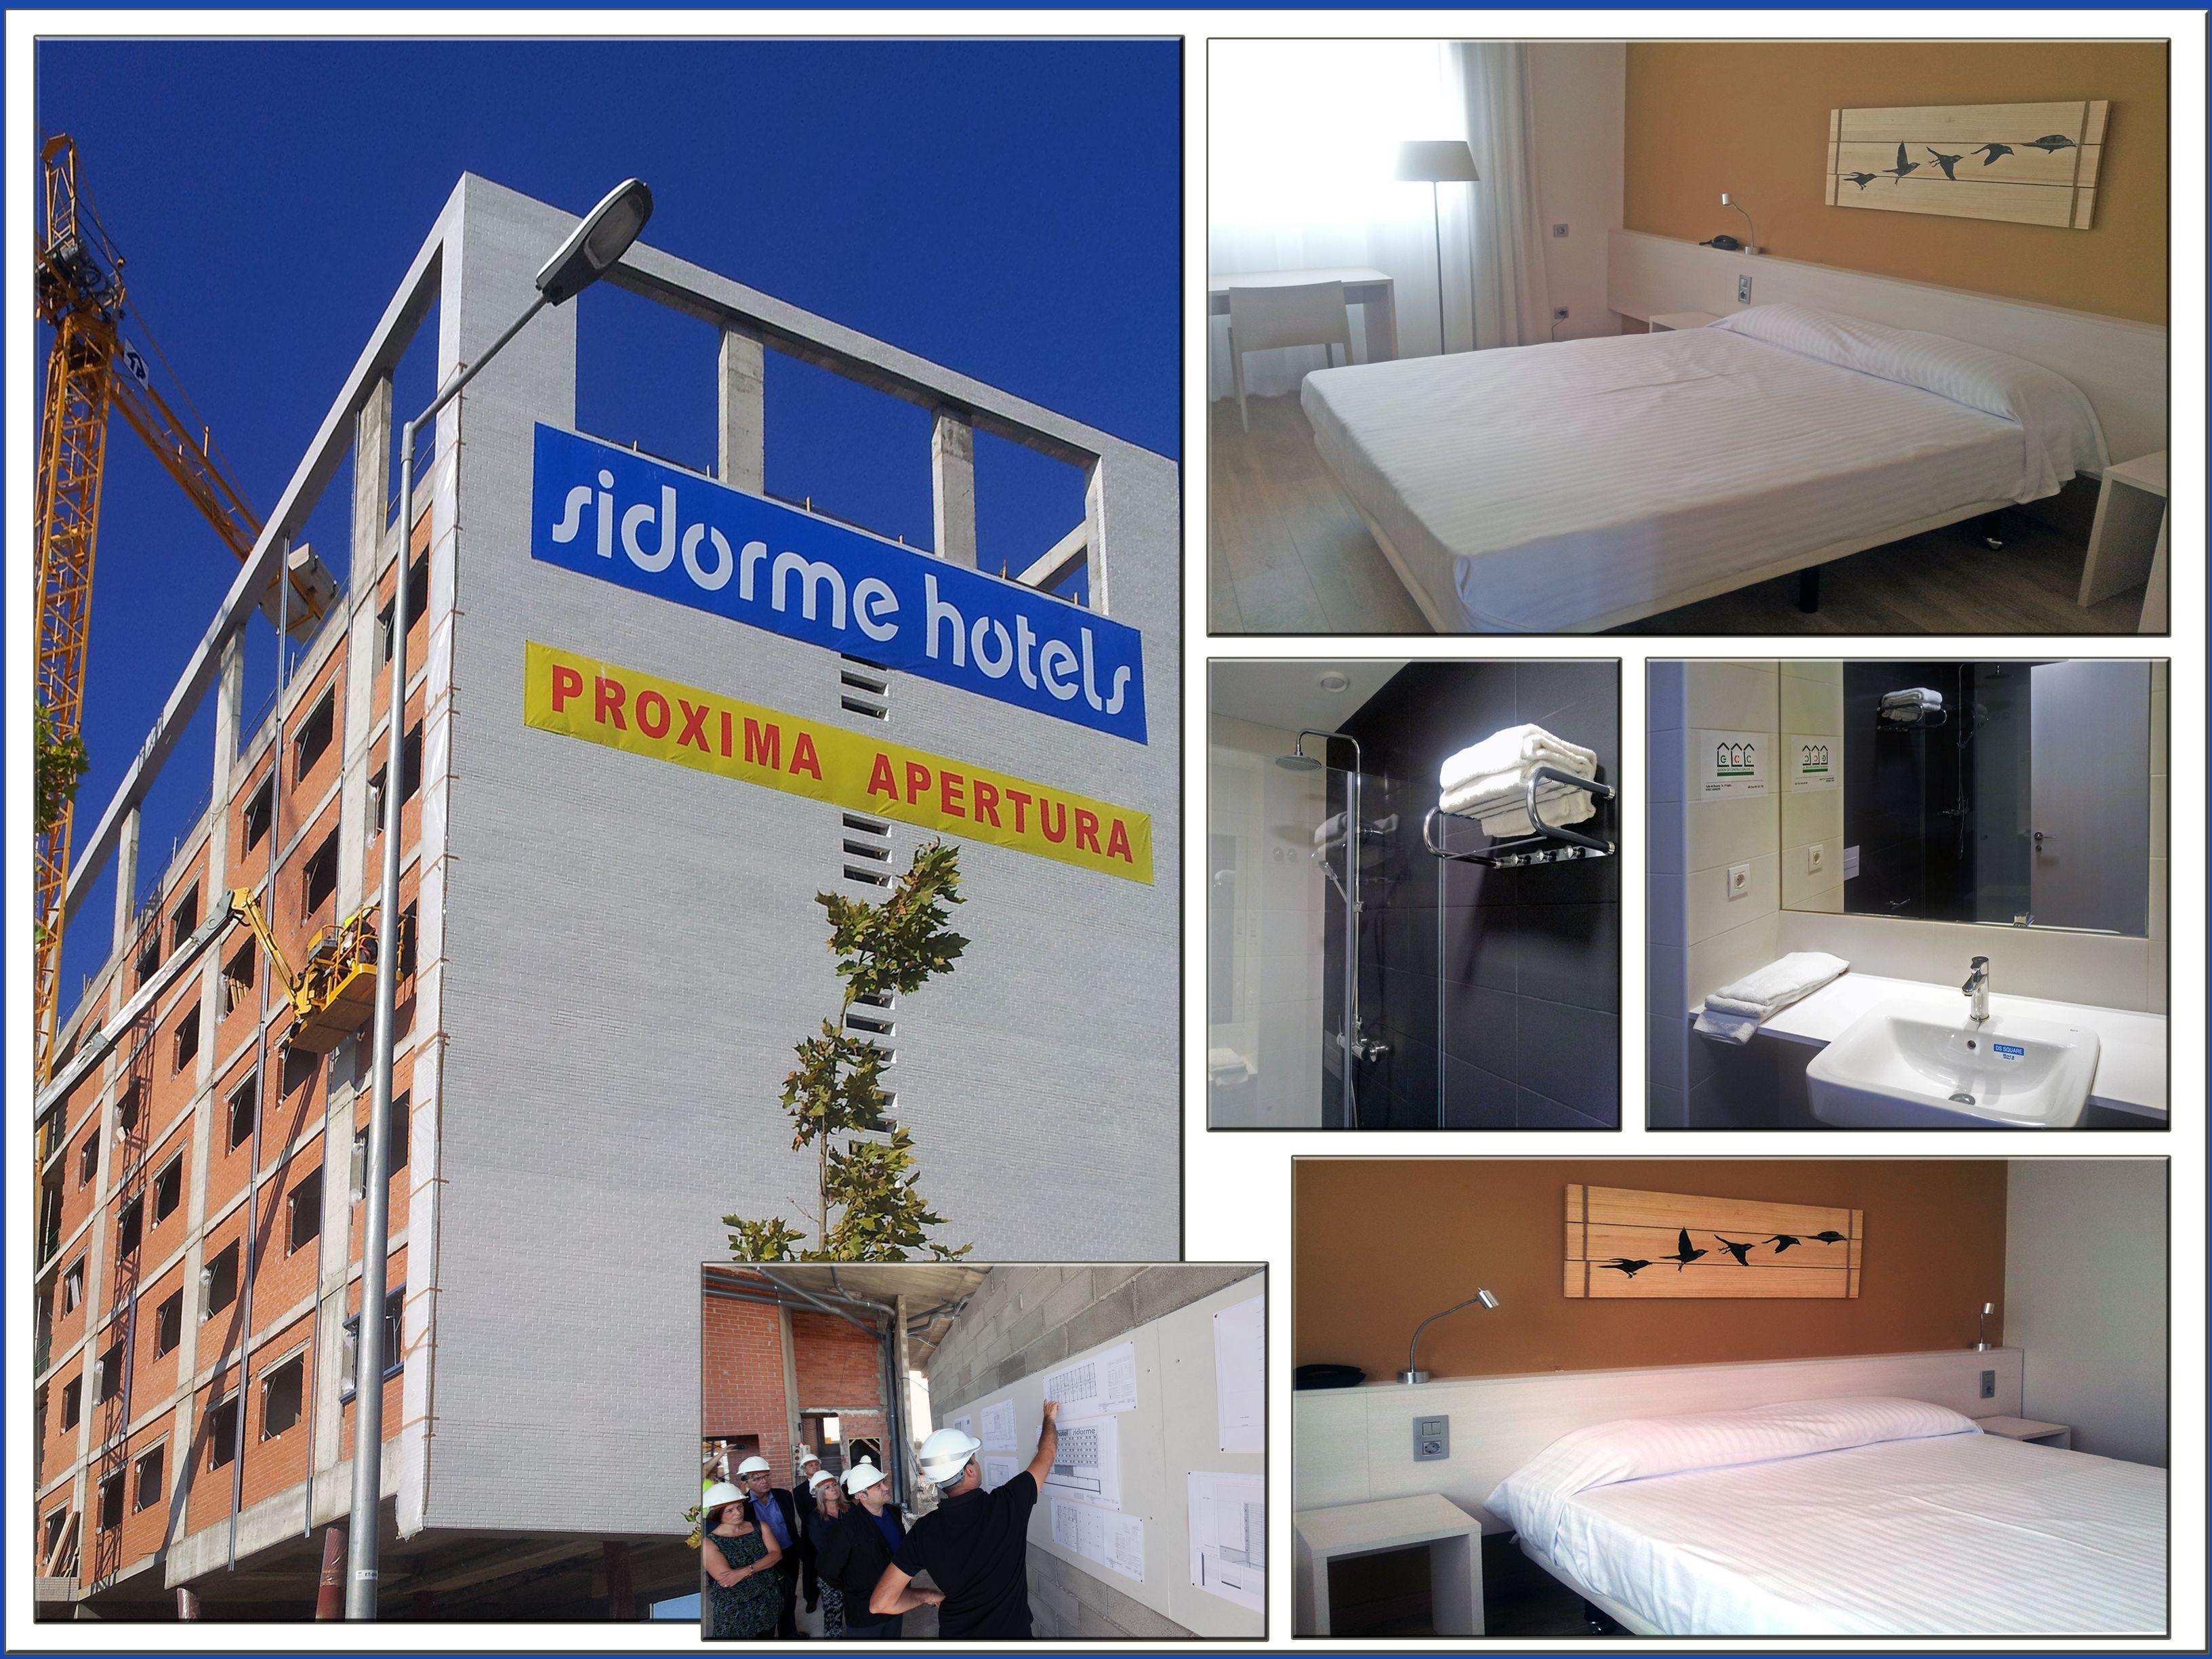 Hotel Sidorme Mollet Un Arbol De Navidad 100 Azul Sidorme El Del Hotel Sidorme